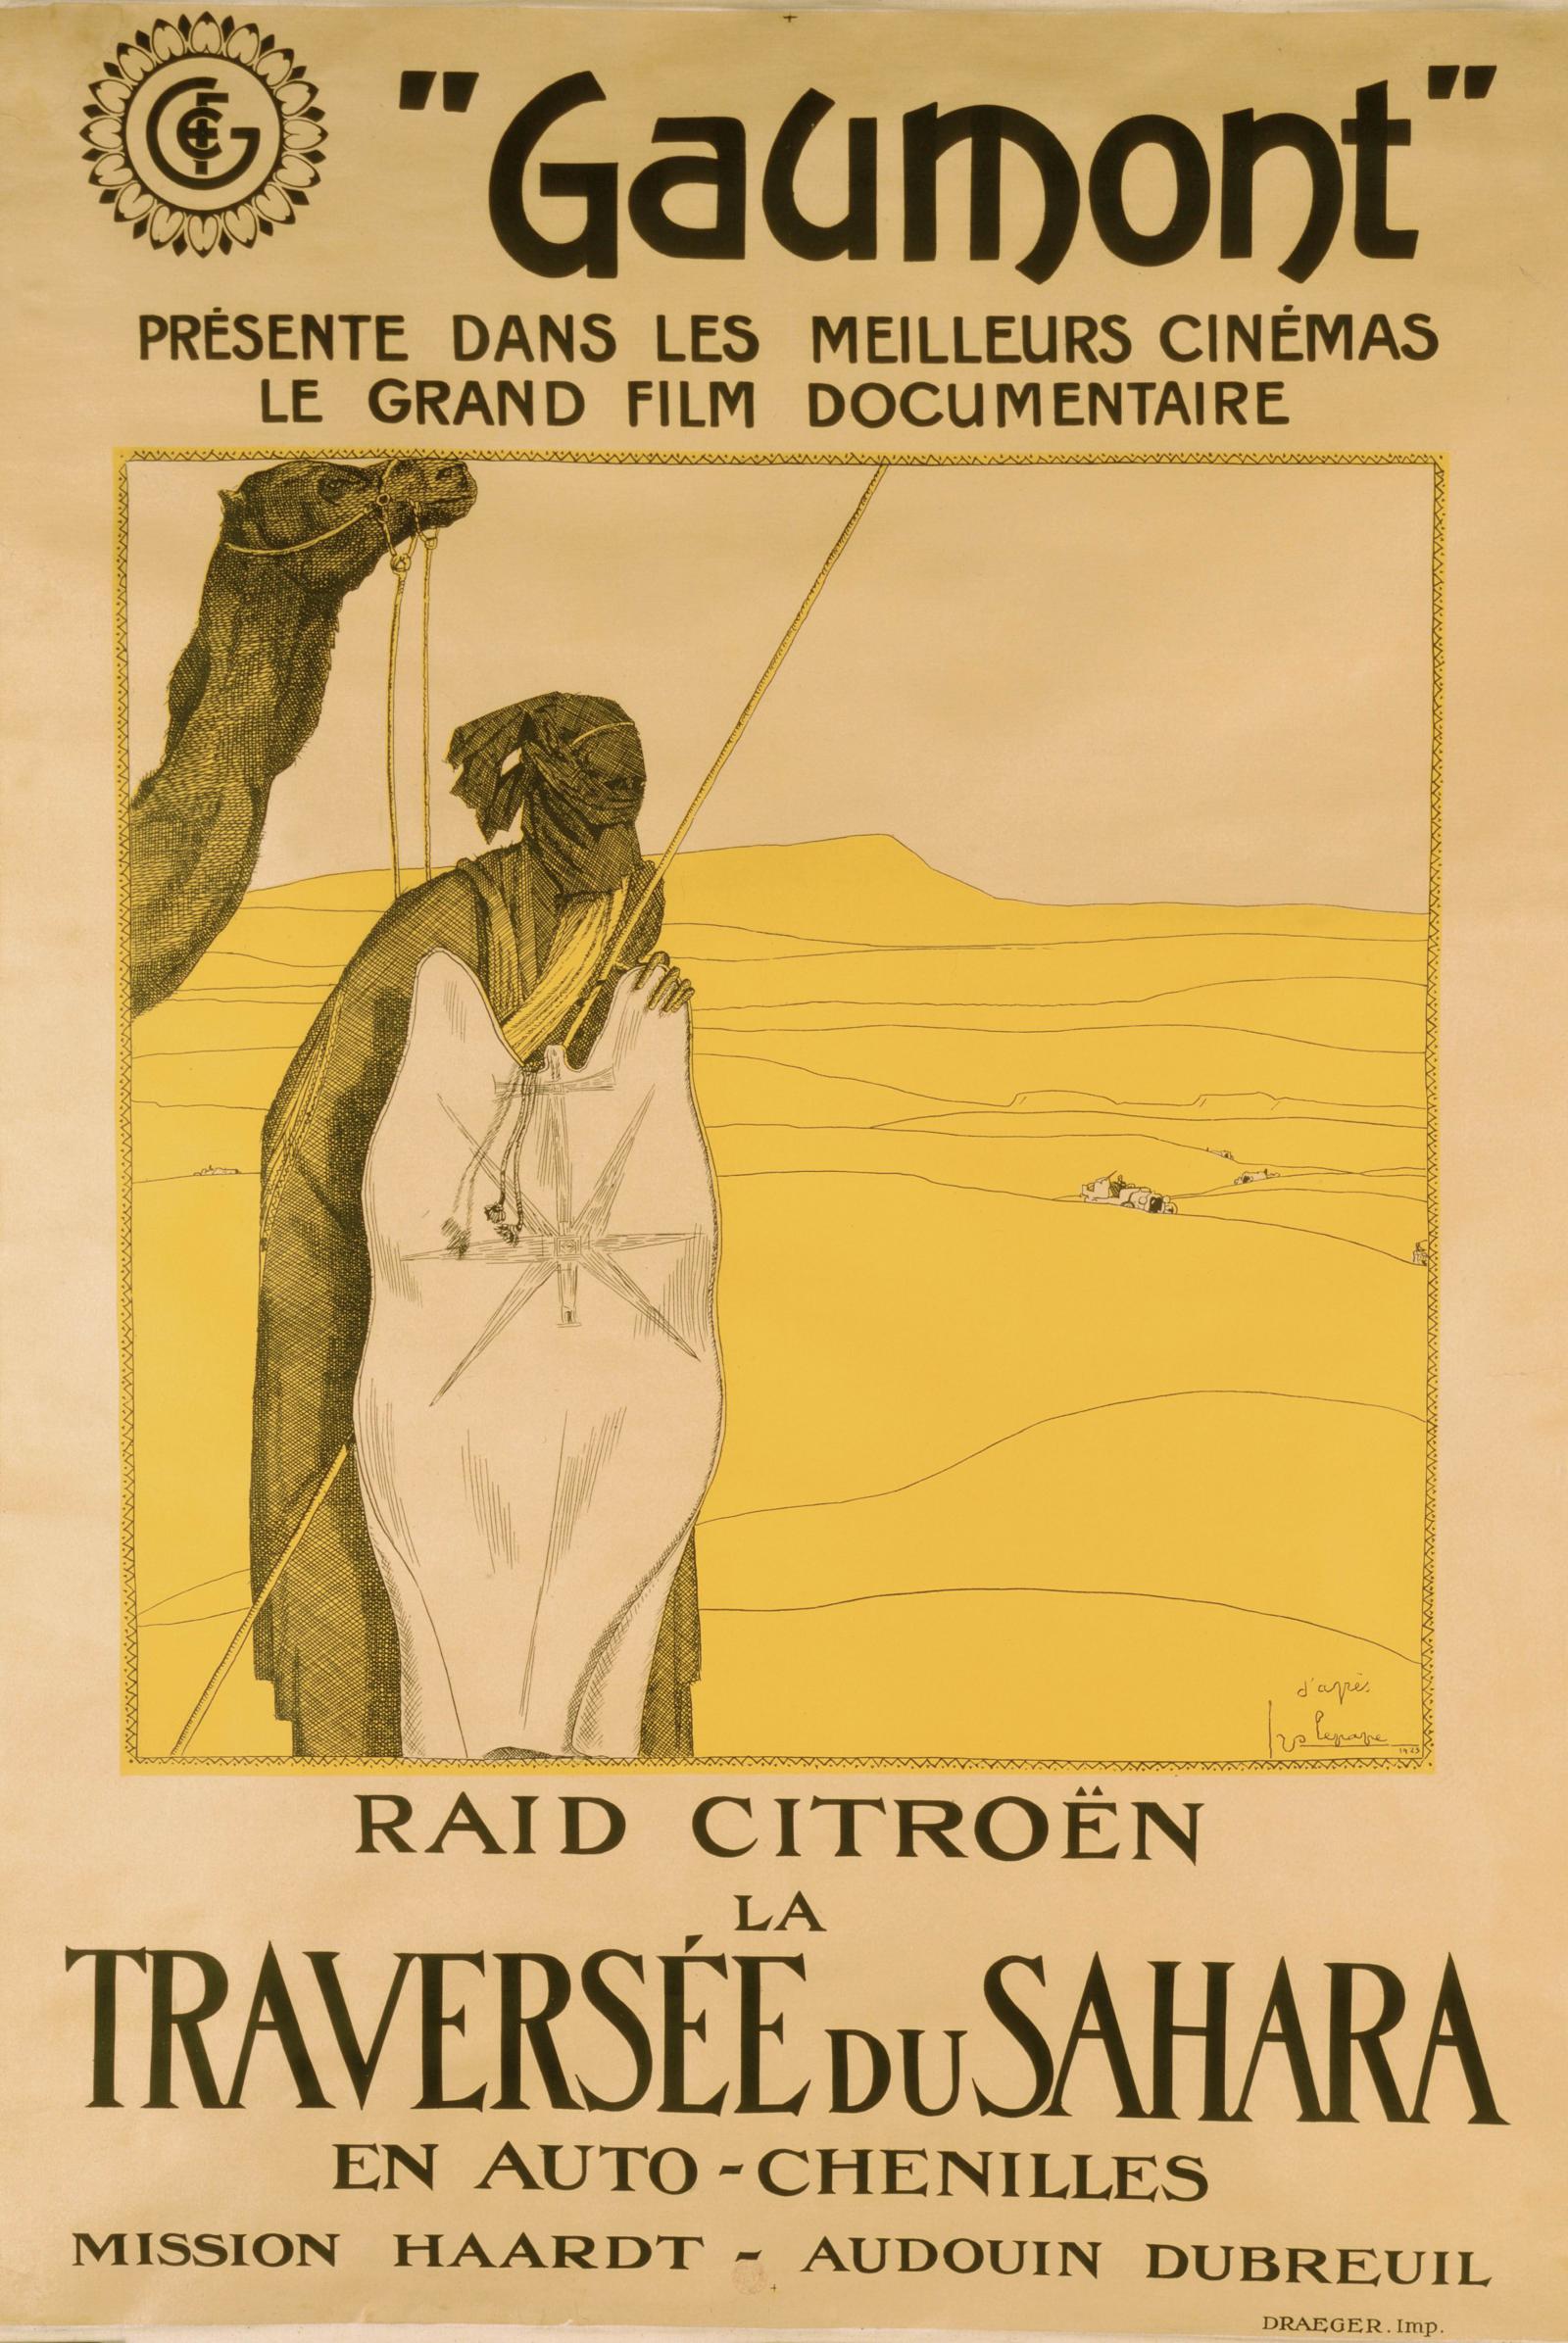 Première Traversée du Sahara 1923  - Gaumont